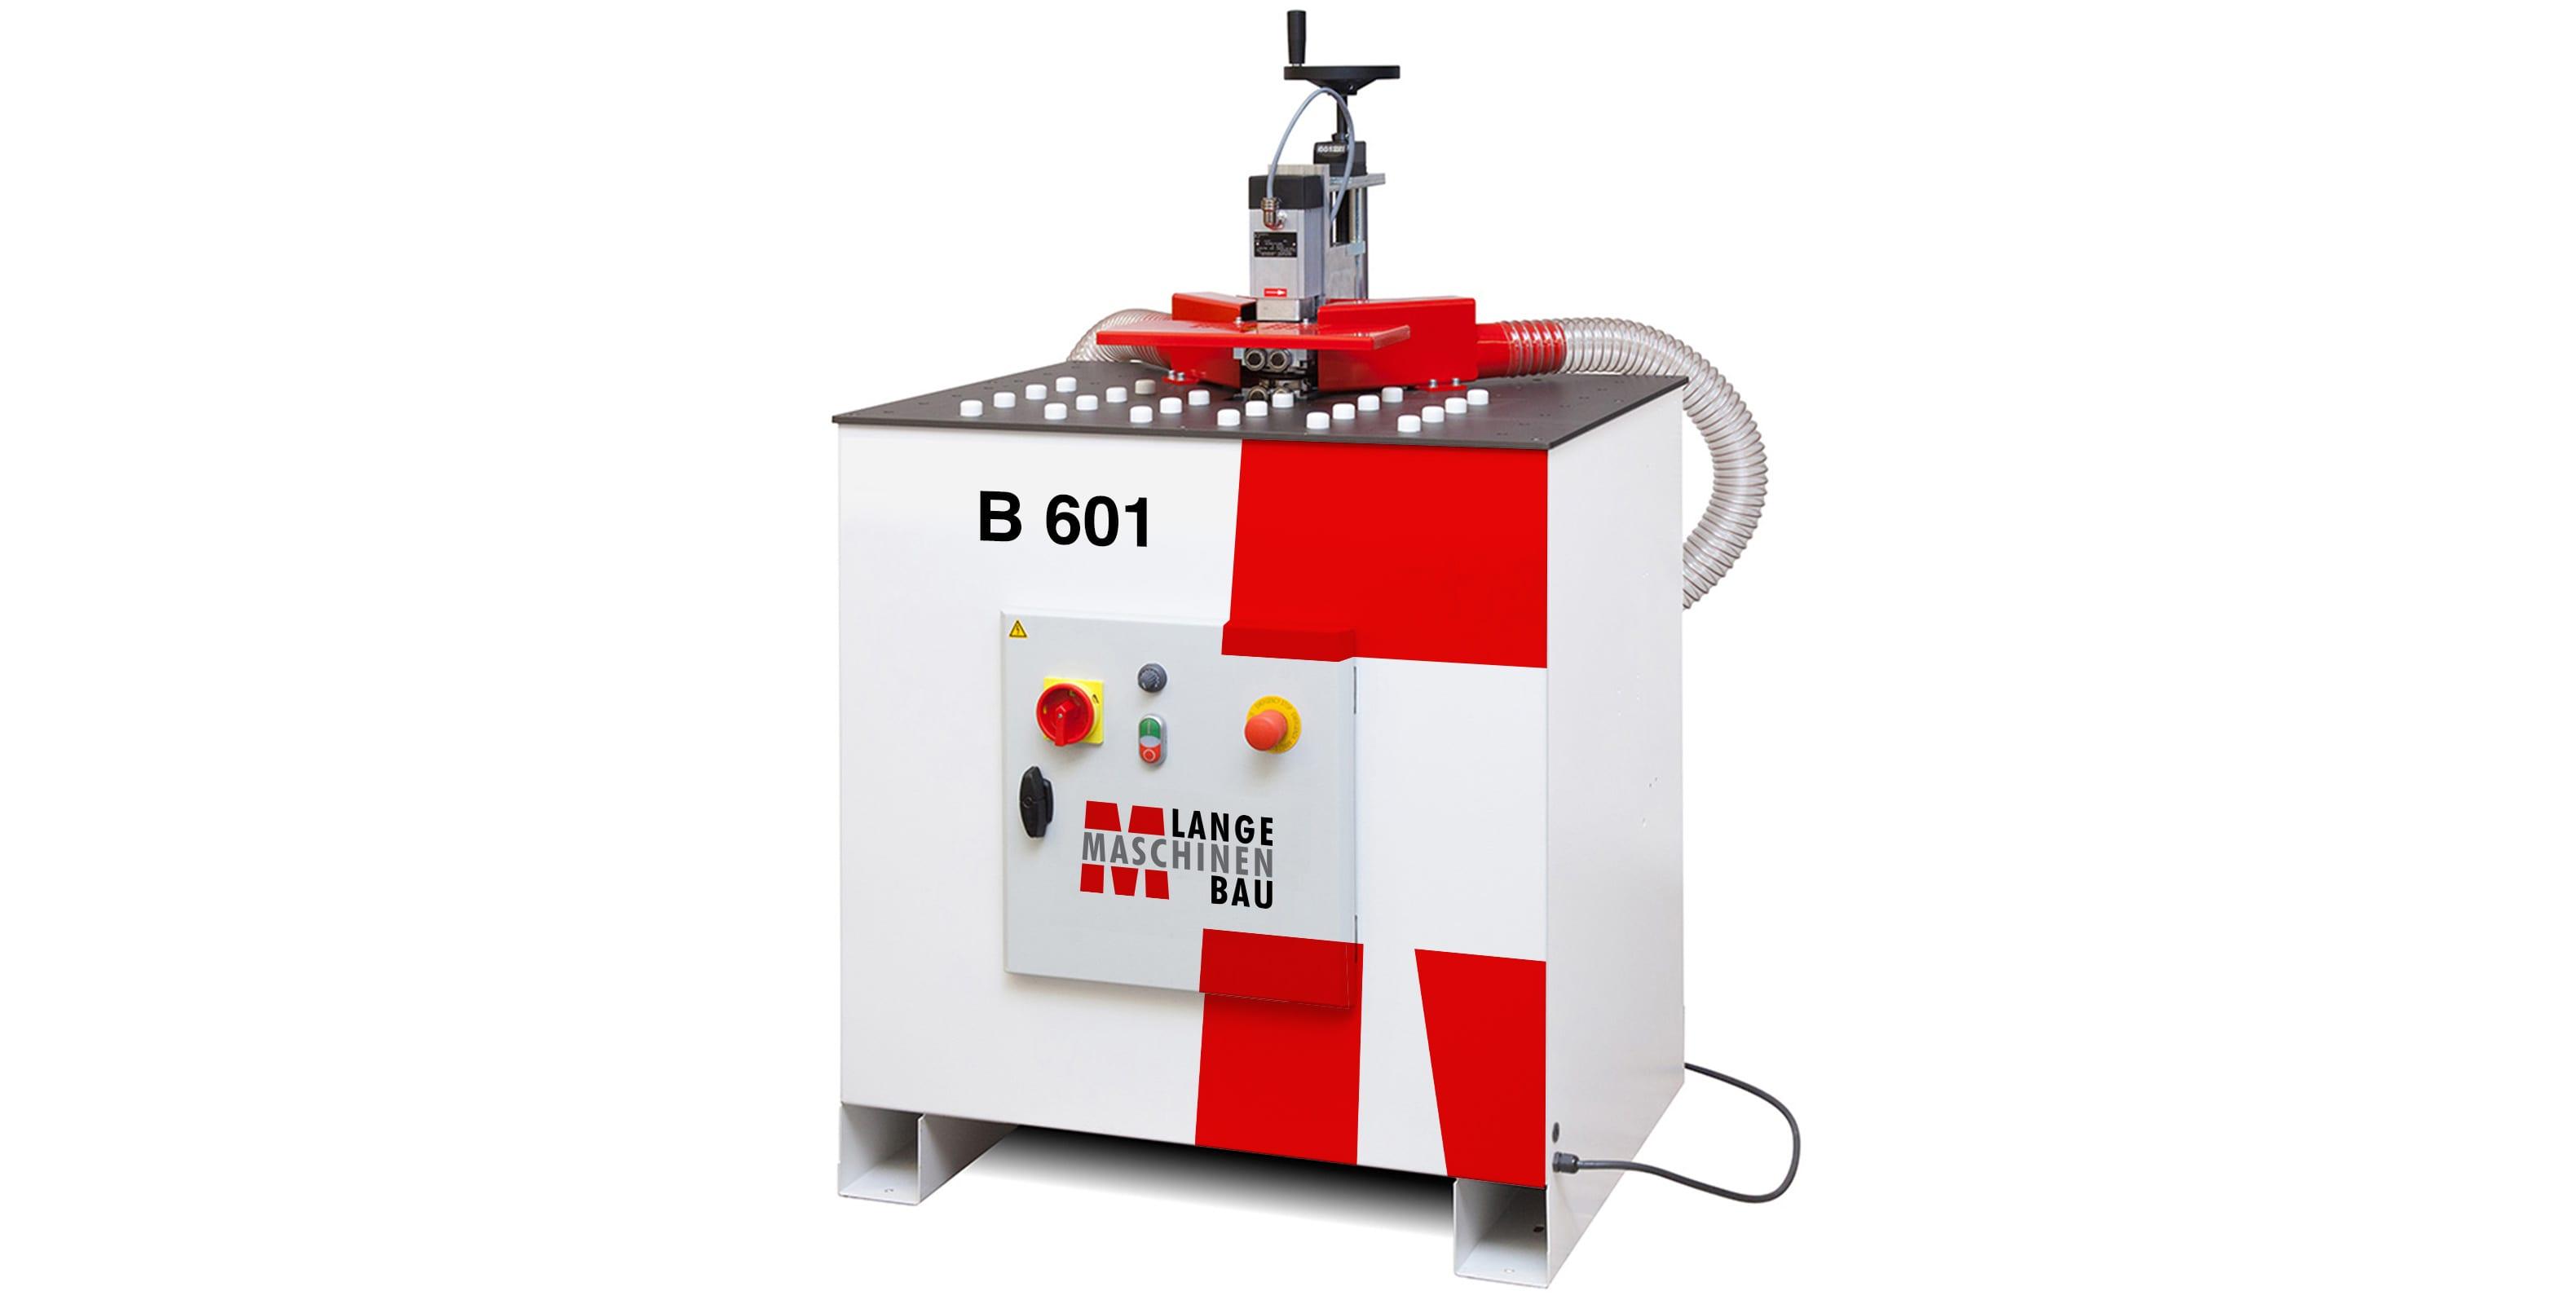 B601 Lange Kantenanleimmaschine Slider